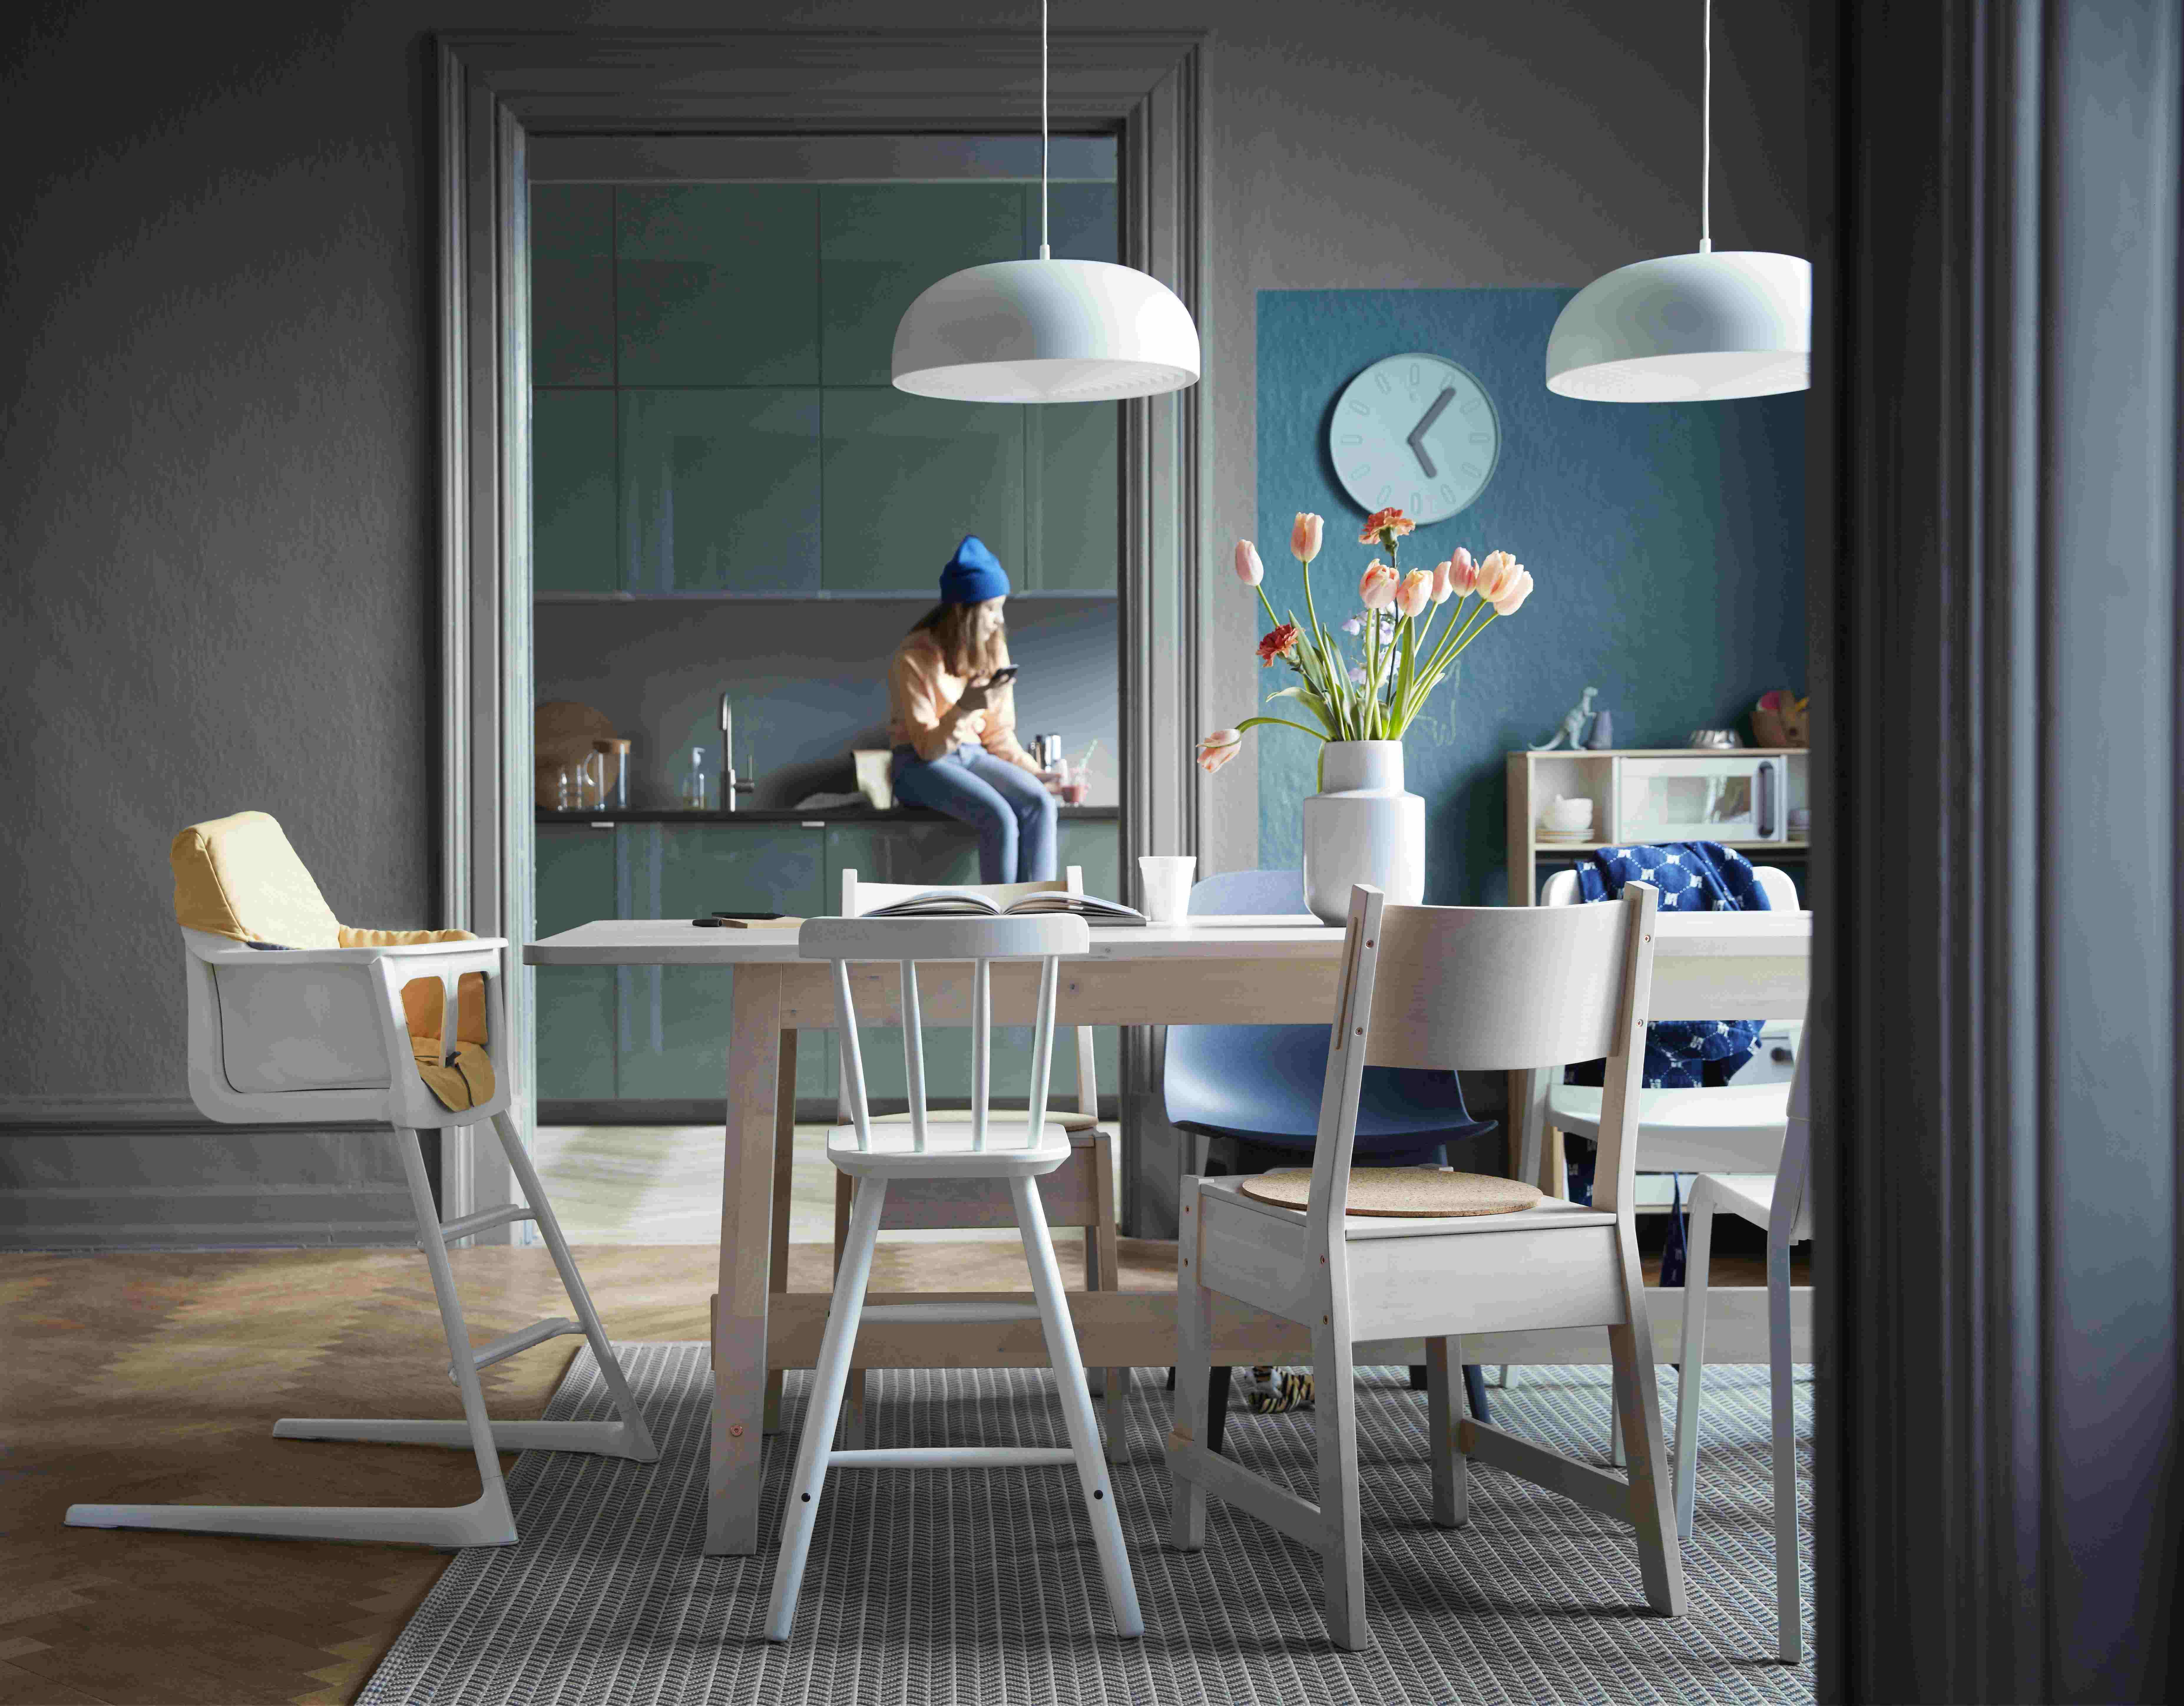 首先,要有计划地搭配餐椅。一般家里餐桌以4-6人的聚餐人数设置,而平时家里可能只有2-4人用餐,如果家中吃饭的人较多,而餐厅空间又不大,可以选一些可折叠,或者叠摞式椅子,占地少、好收纳,又方便使用。